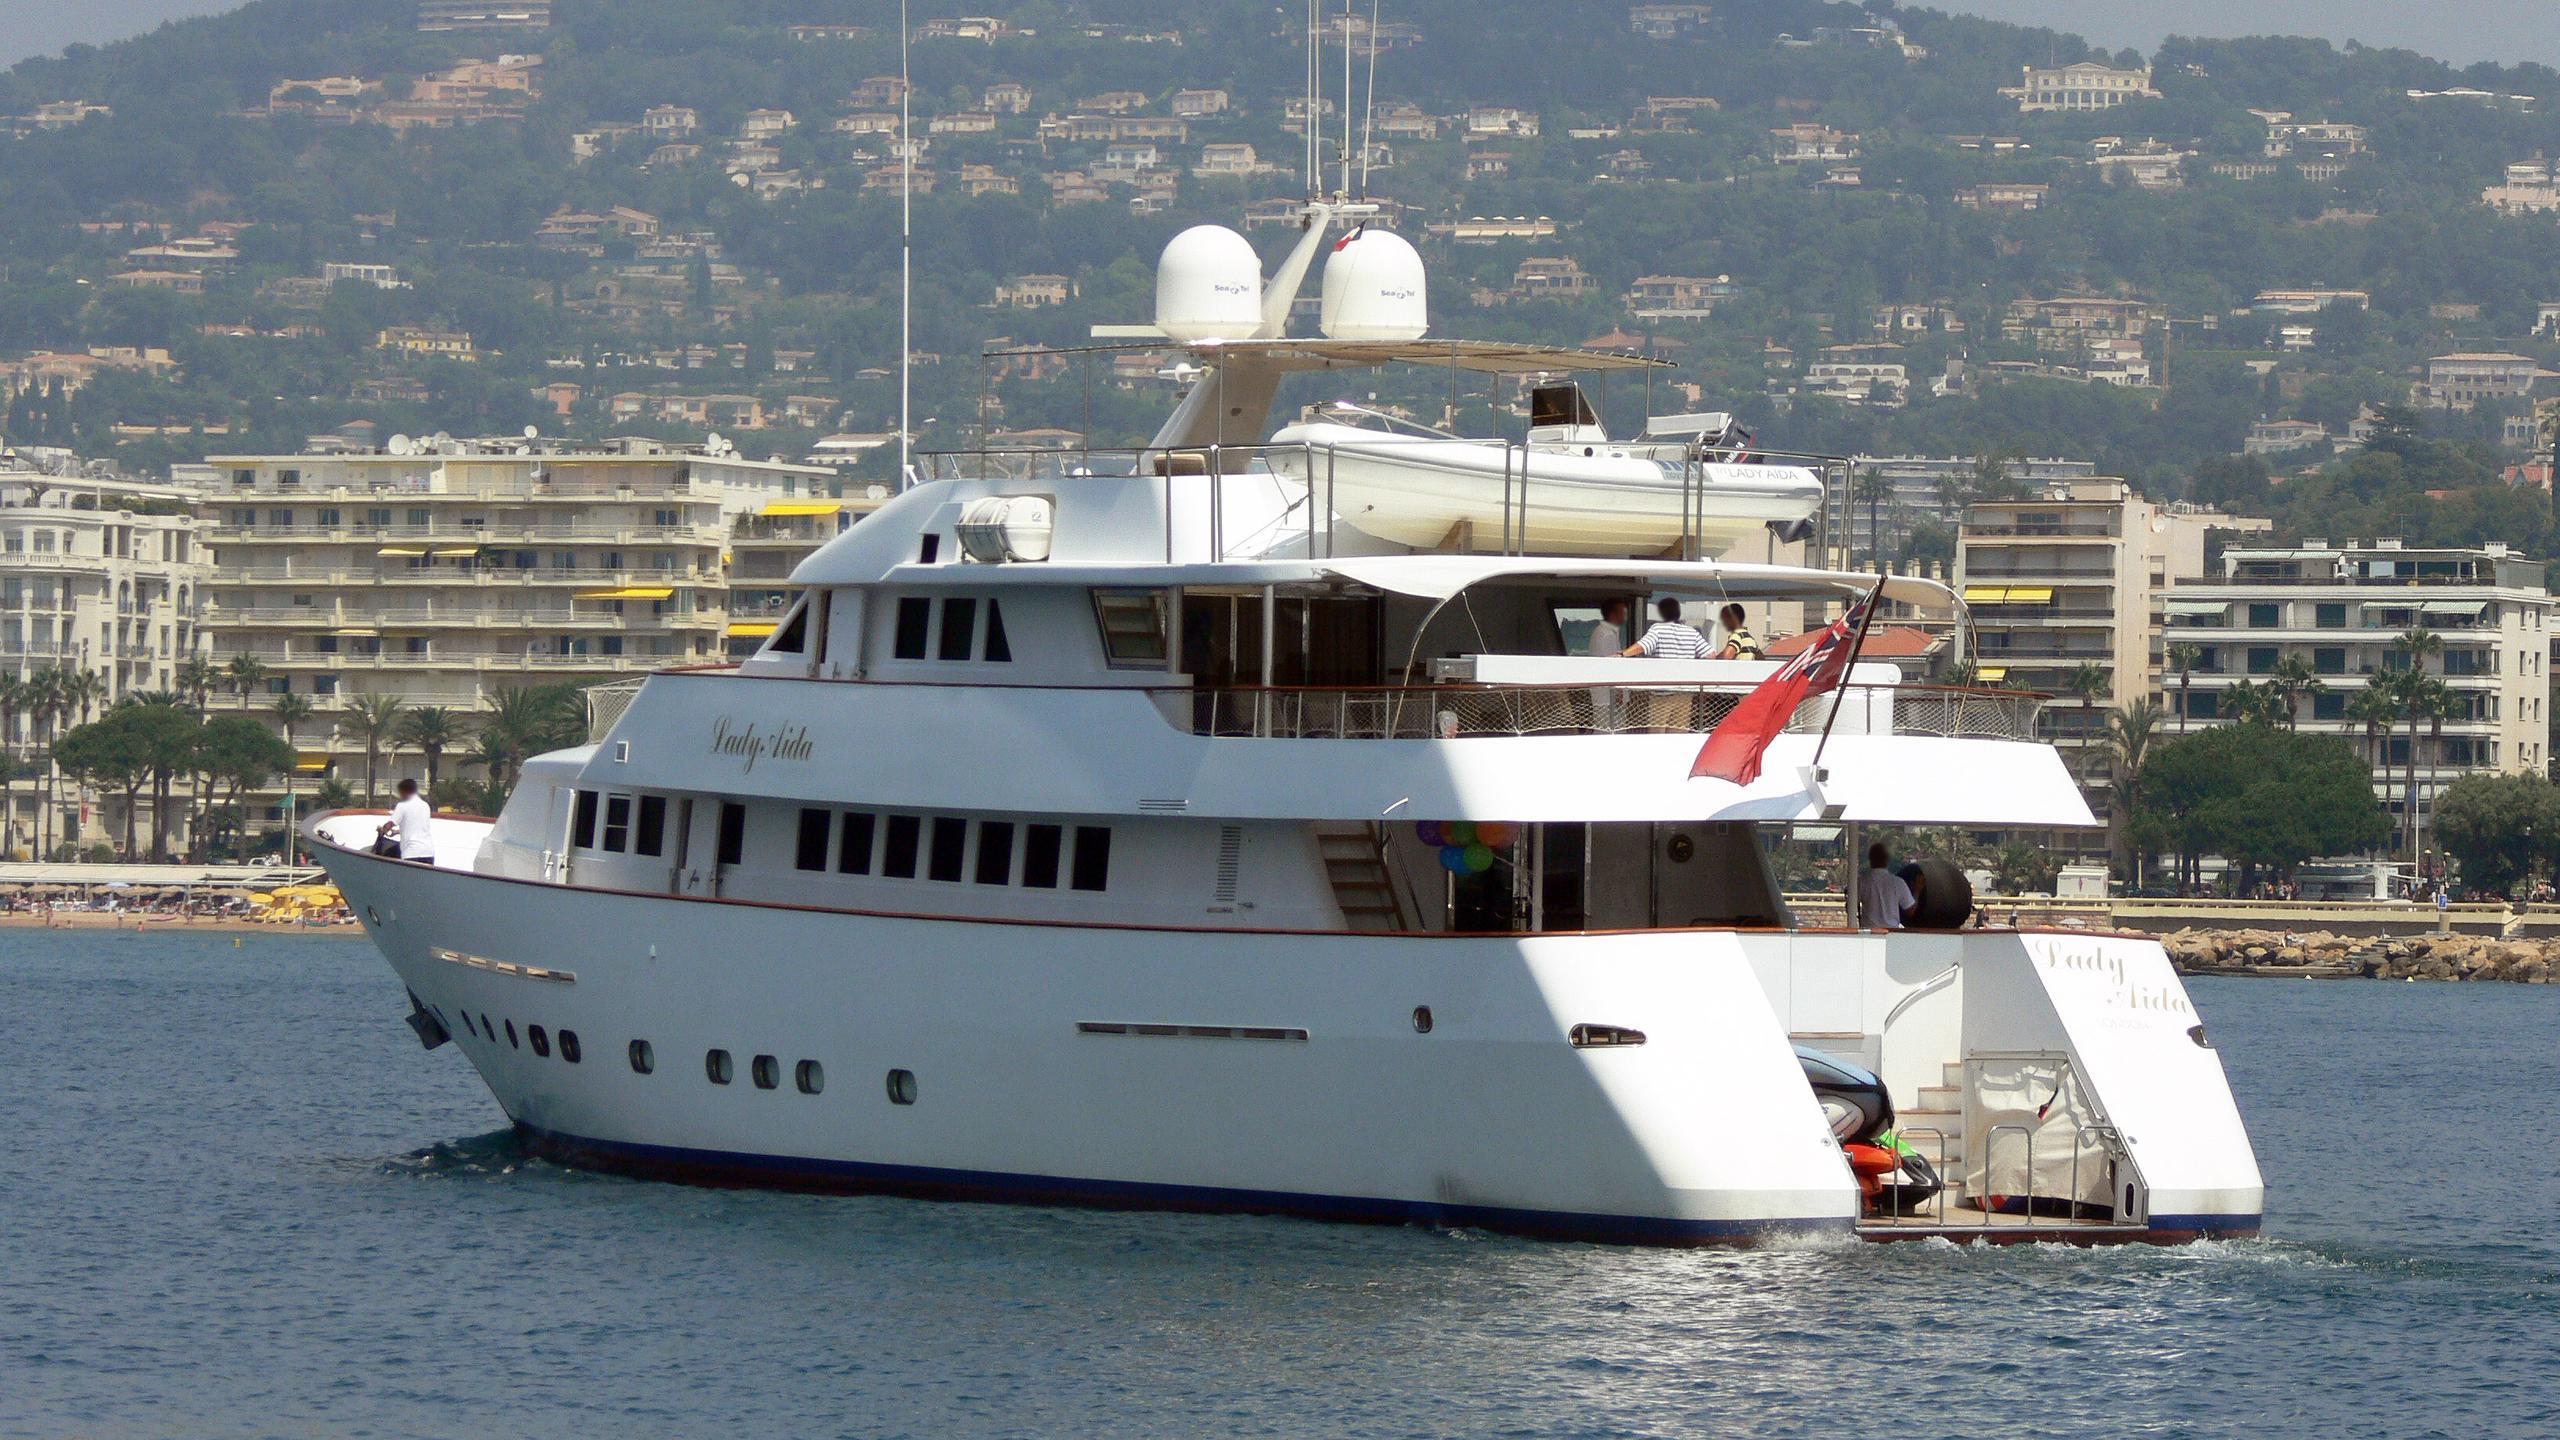 lady-aida-motor-yacht-bugari-1990-36m-stern